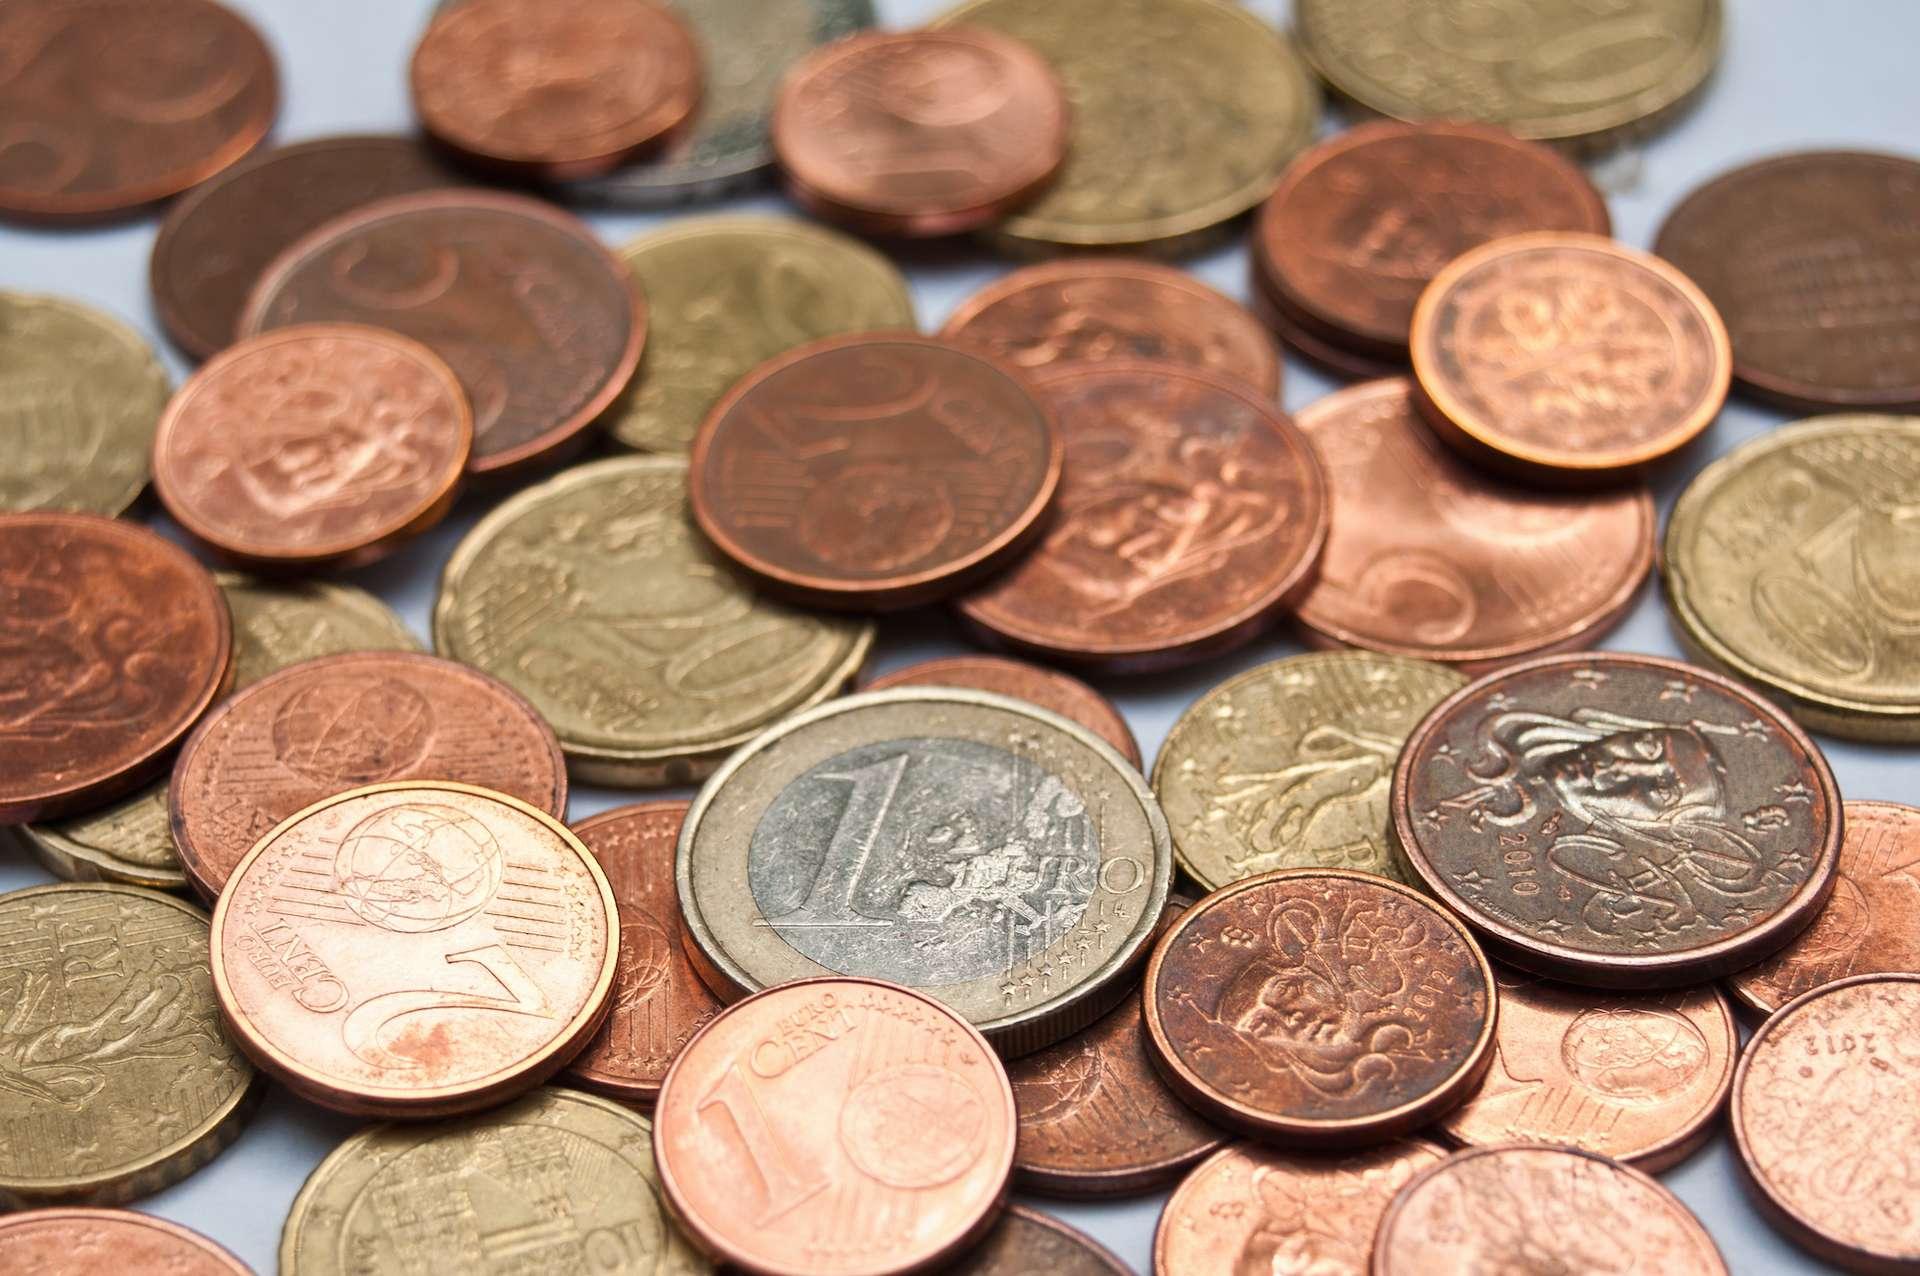 Les pièces de monnaie en euro, qui contiennent du cuivre, sont bien moins contaminées que les billets en fibre de coton. © pixarno, Adobe Stock